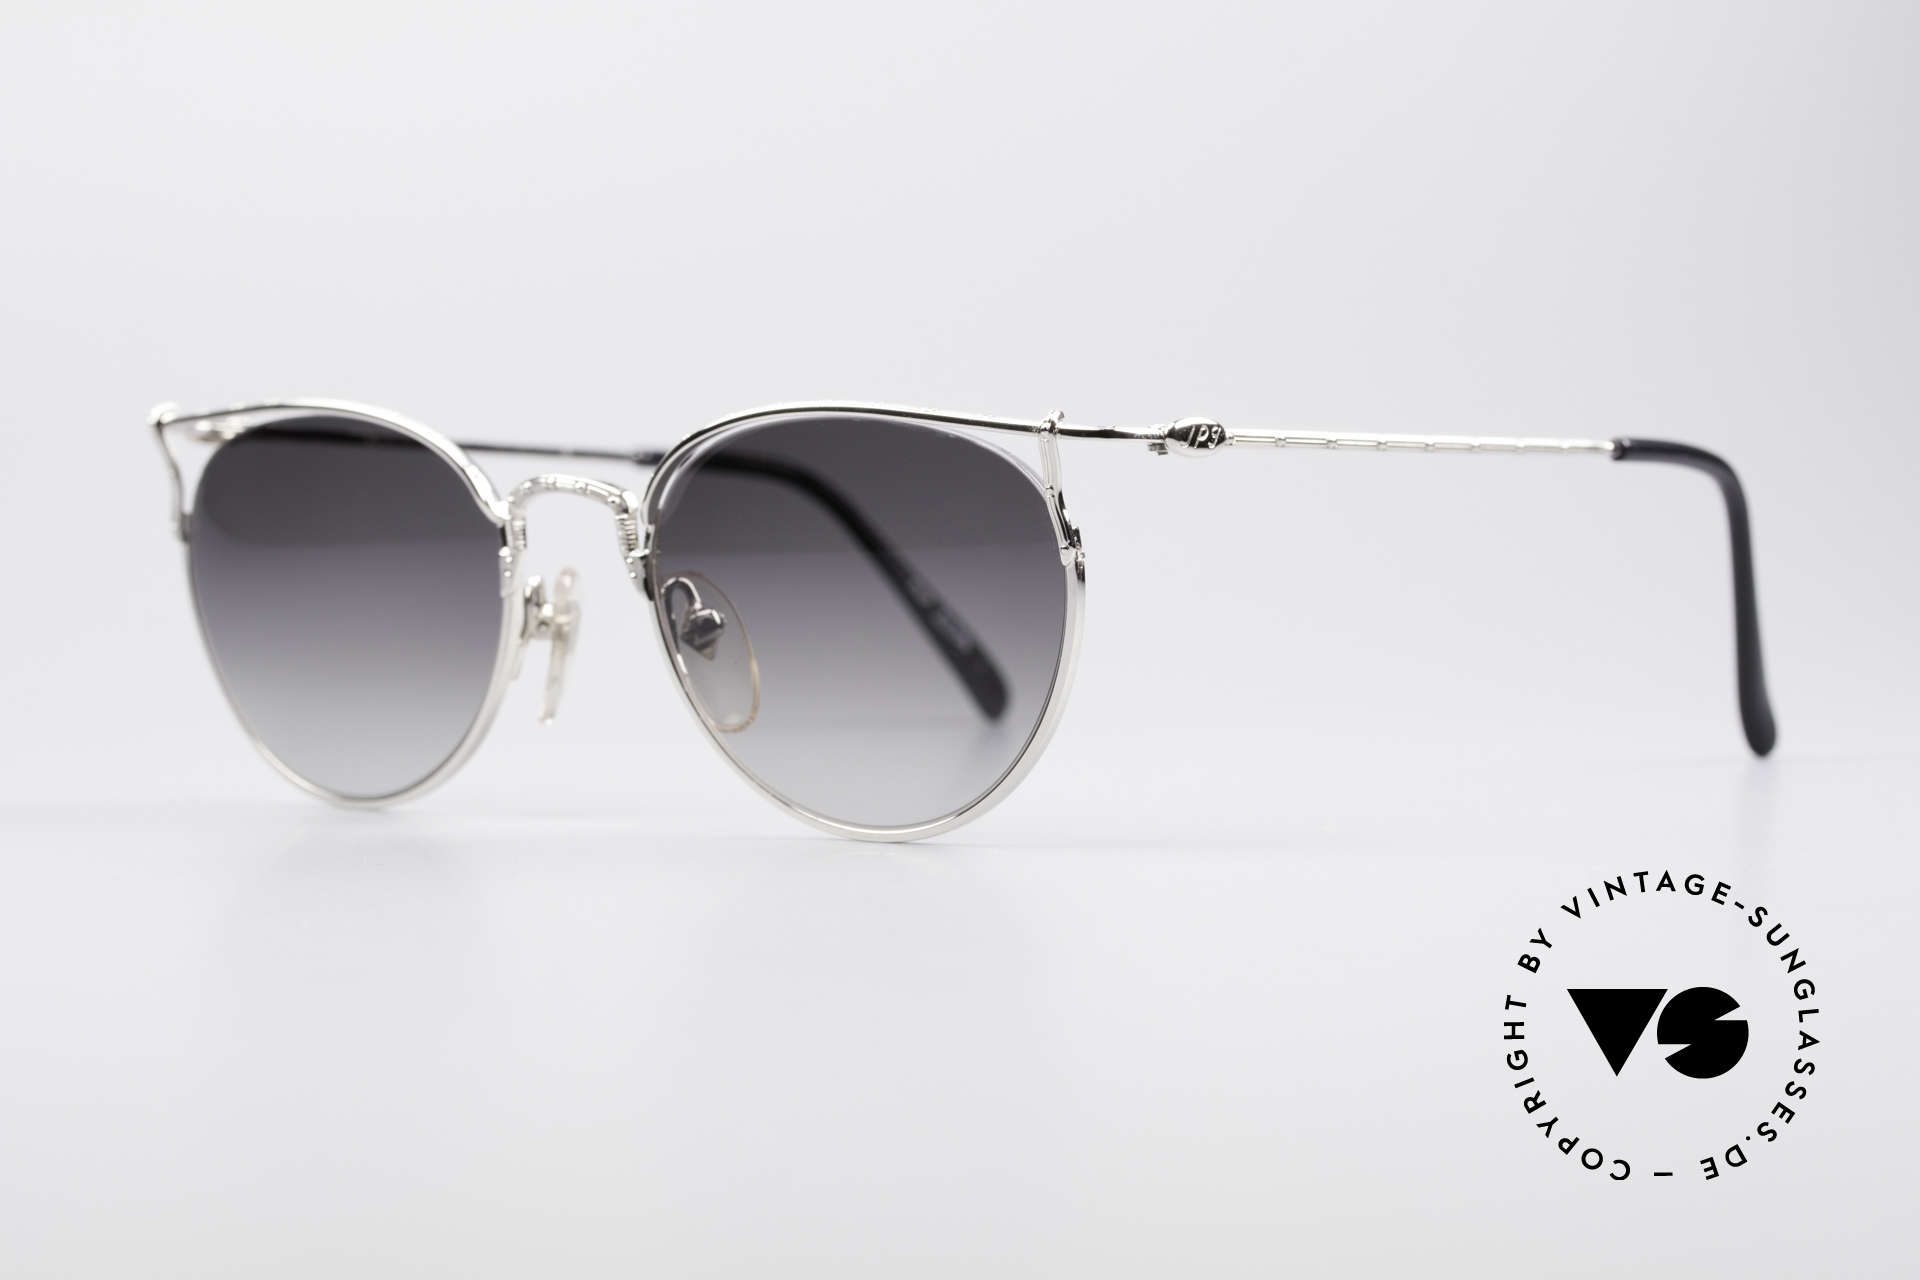 Jean Paul Gaultier 55-3177 Halb Randlose Vintage Brille, Rahmenkonstruktion mit randloser Glasfassung, Passend für Herren und Damen